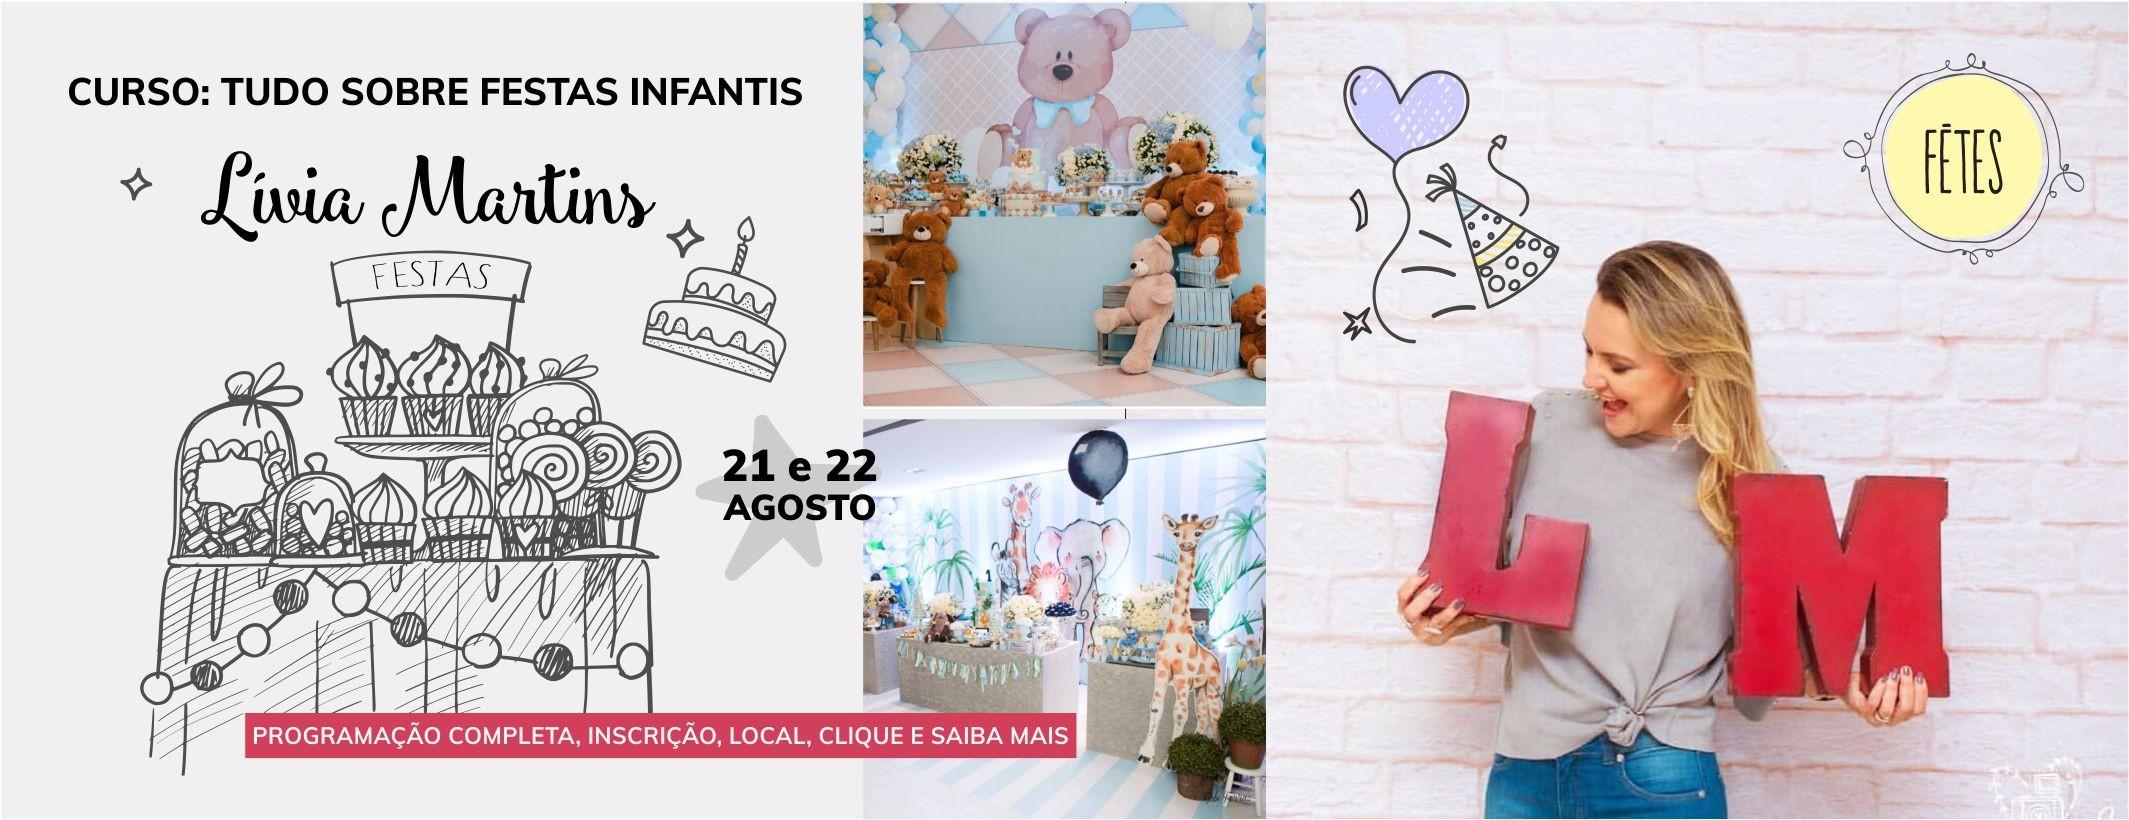 CURSO: TUDO SOBRE FESTAS INFANTIS COM LÍVIA MARTINS